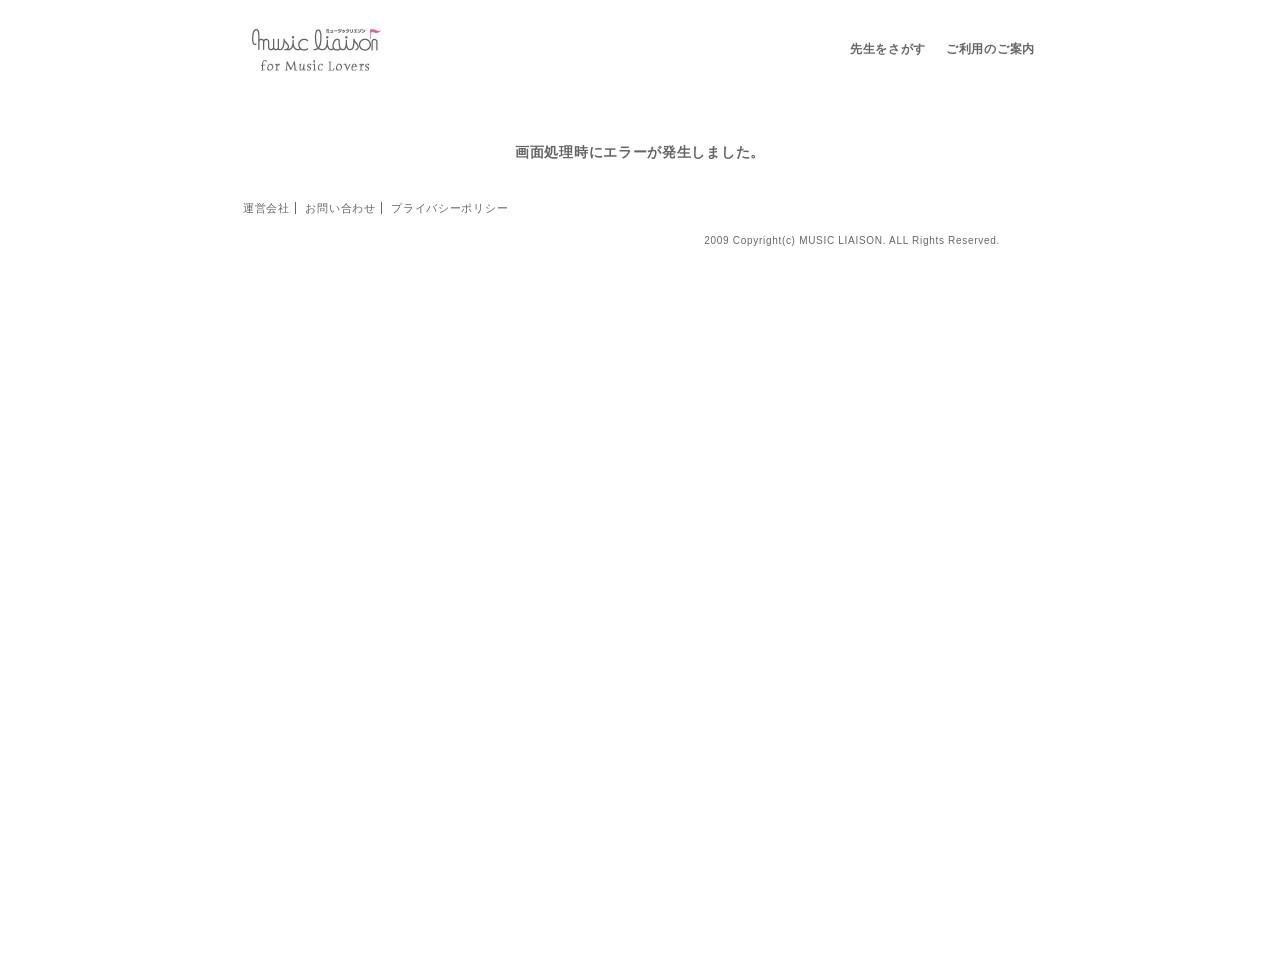 高野早苗音楽教室のサムネイル